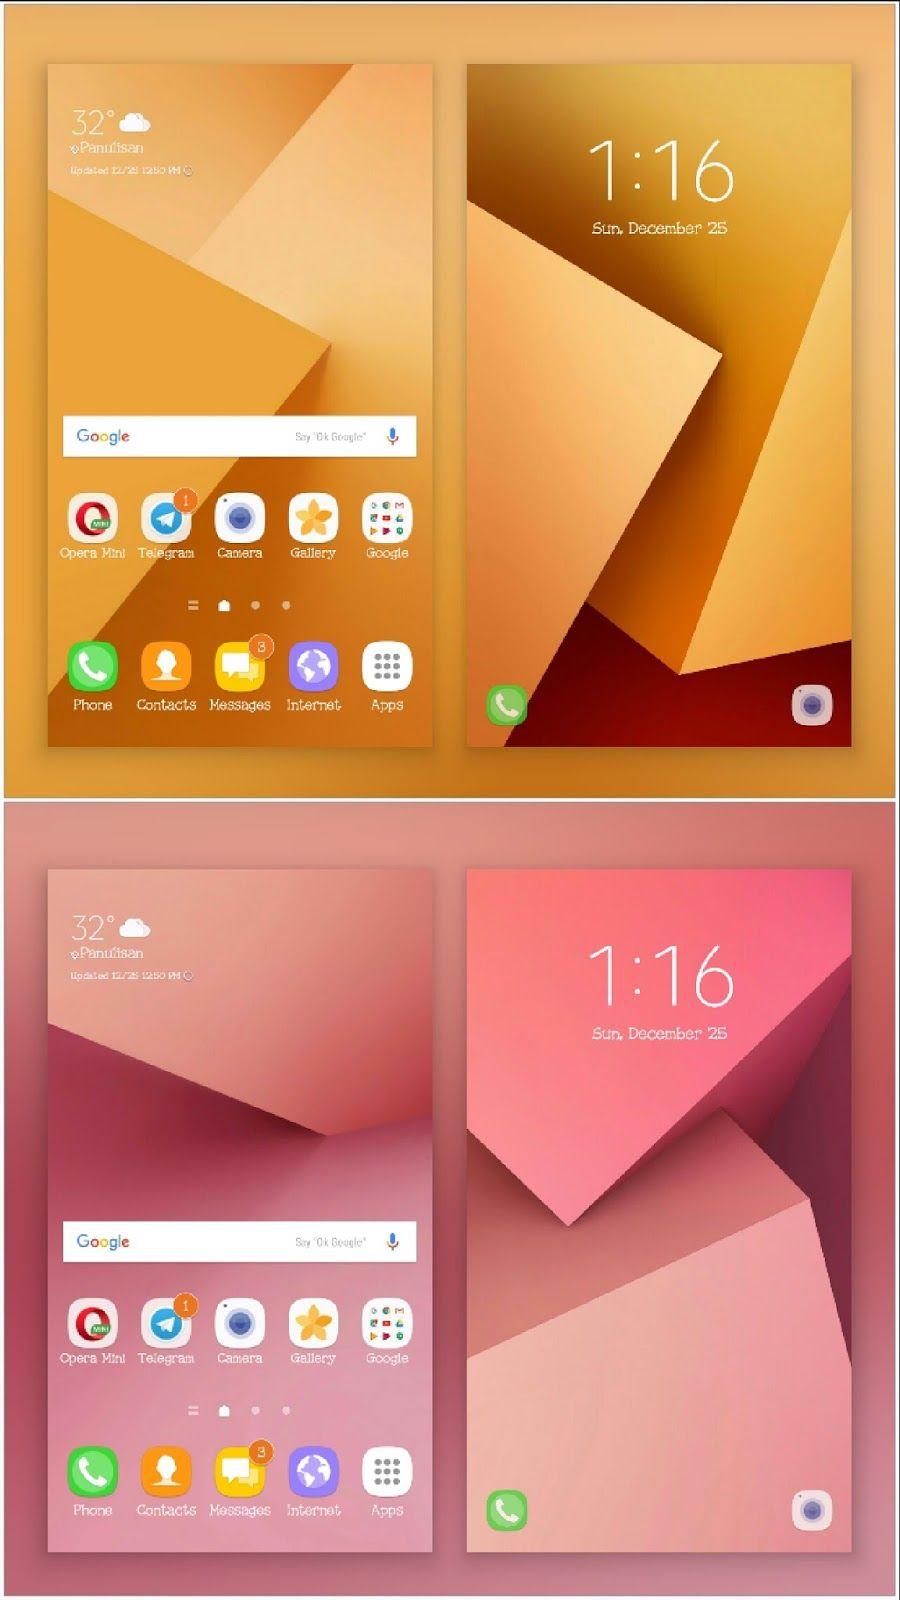 Samsung J2 Prime Wallpaper 313607 Samsung Papel De Parede Papeis De Parede Samsung